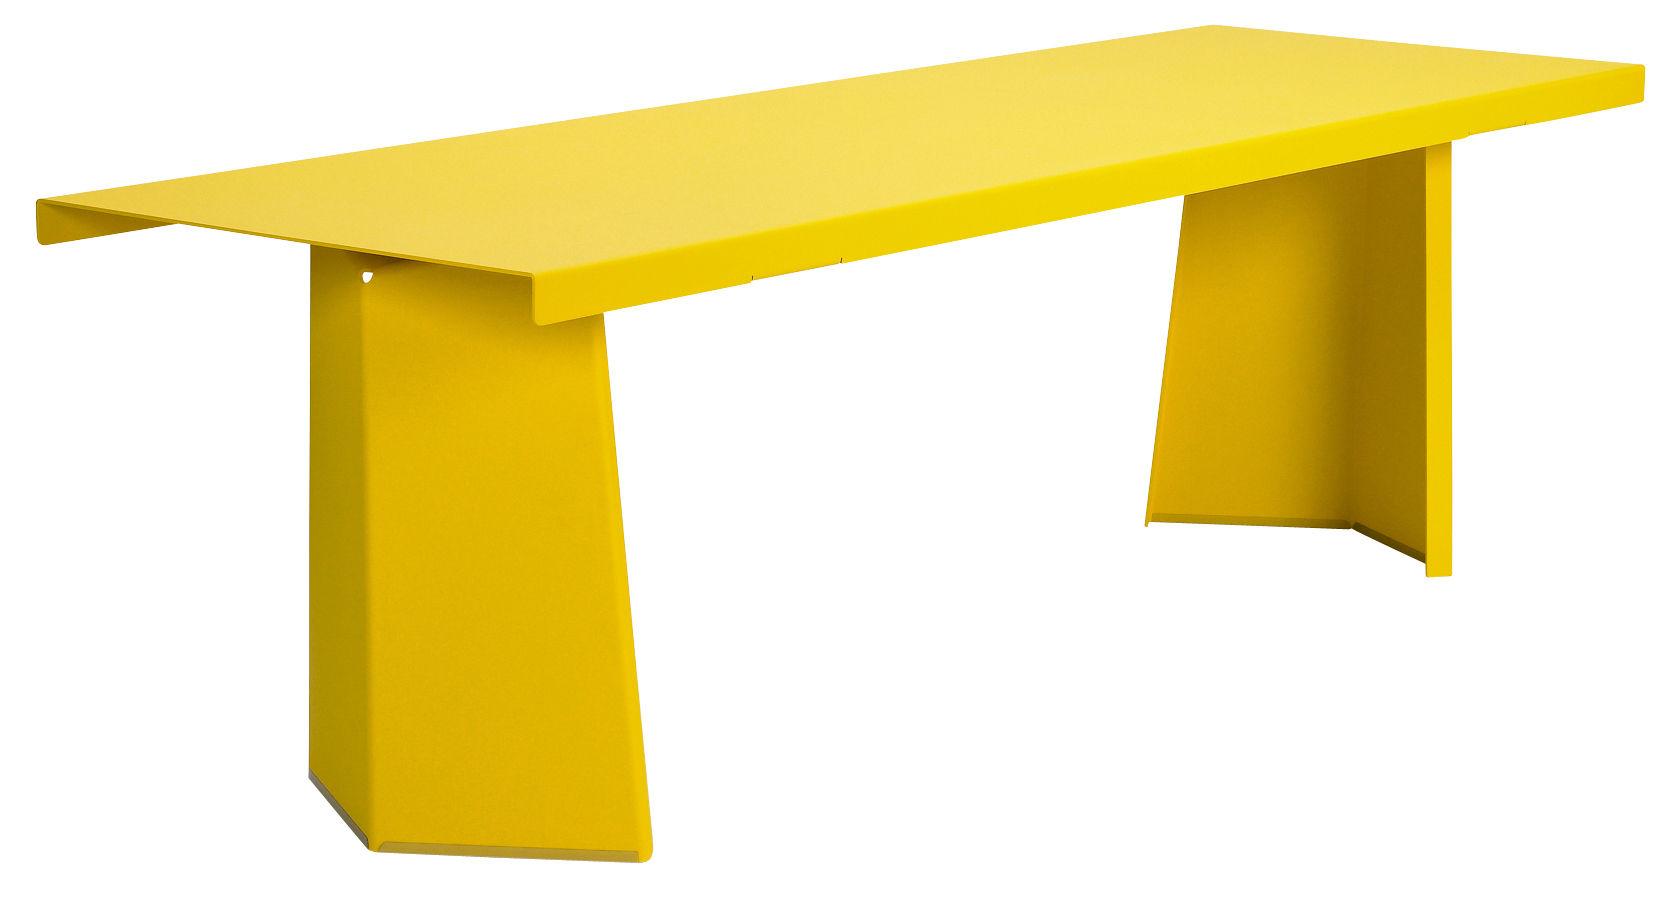 Table rectangulaire Pallas / 240 x 75 cm - Pour l'intérieur - ClassiCon jaune en métal